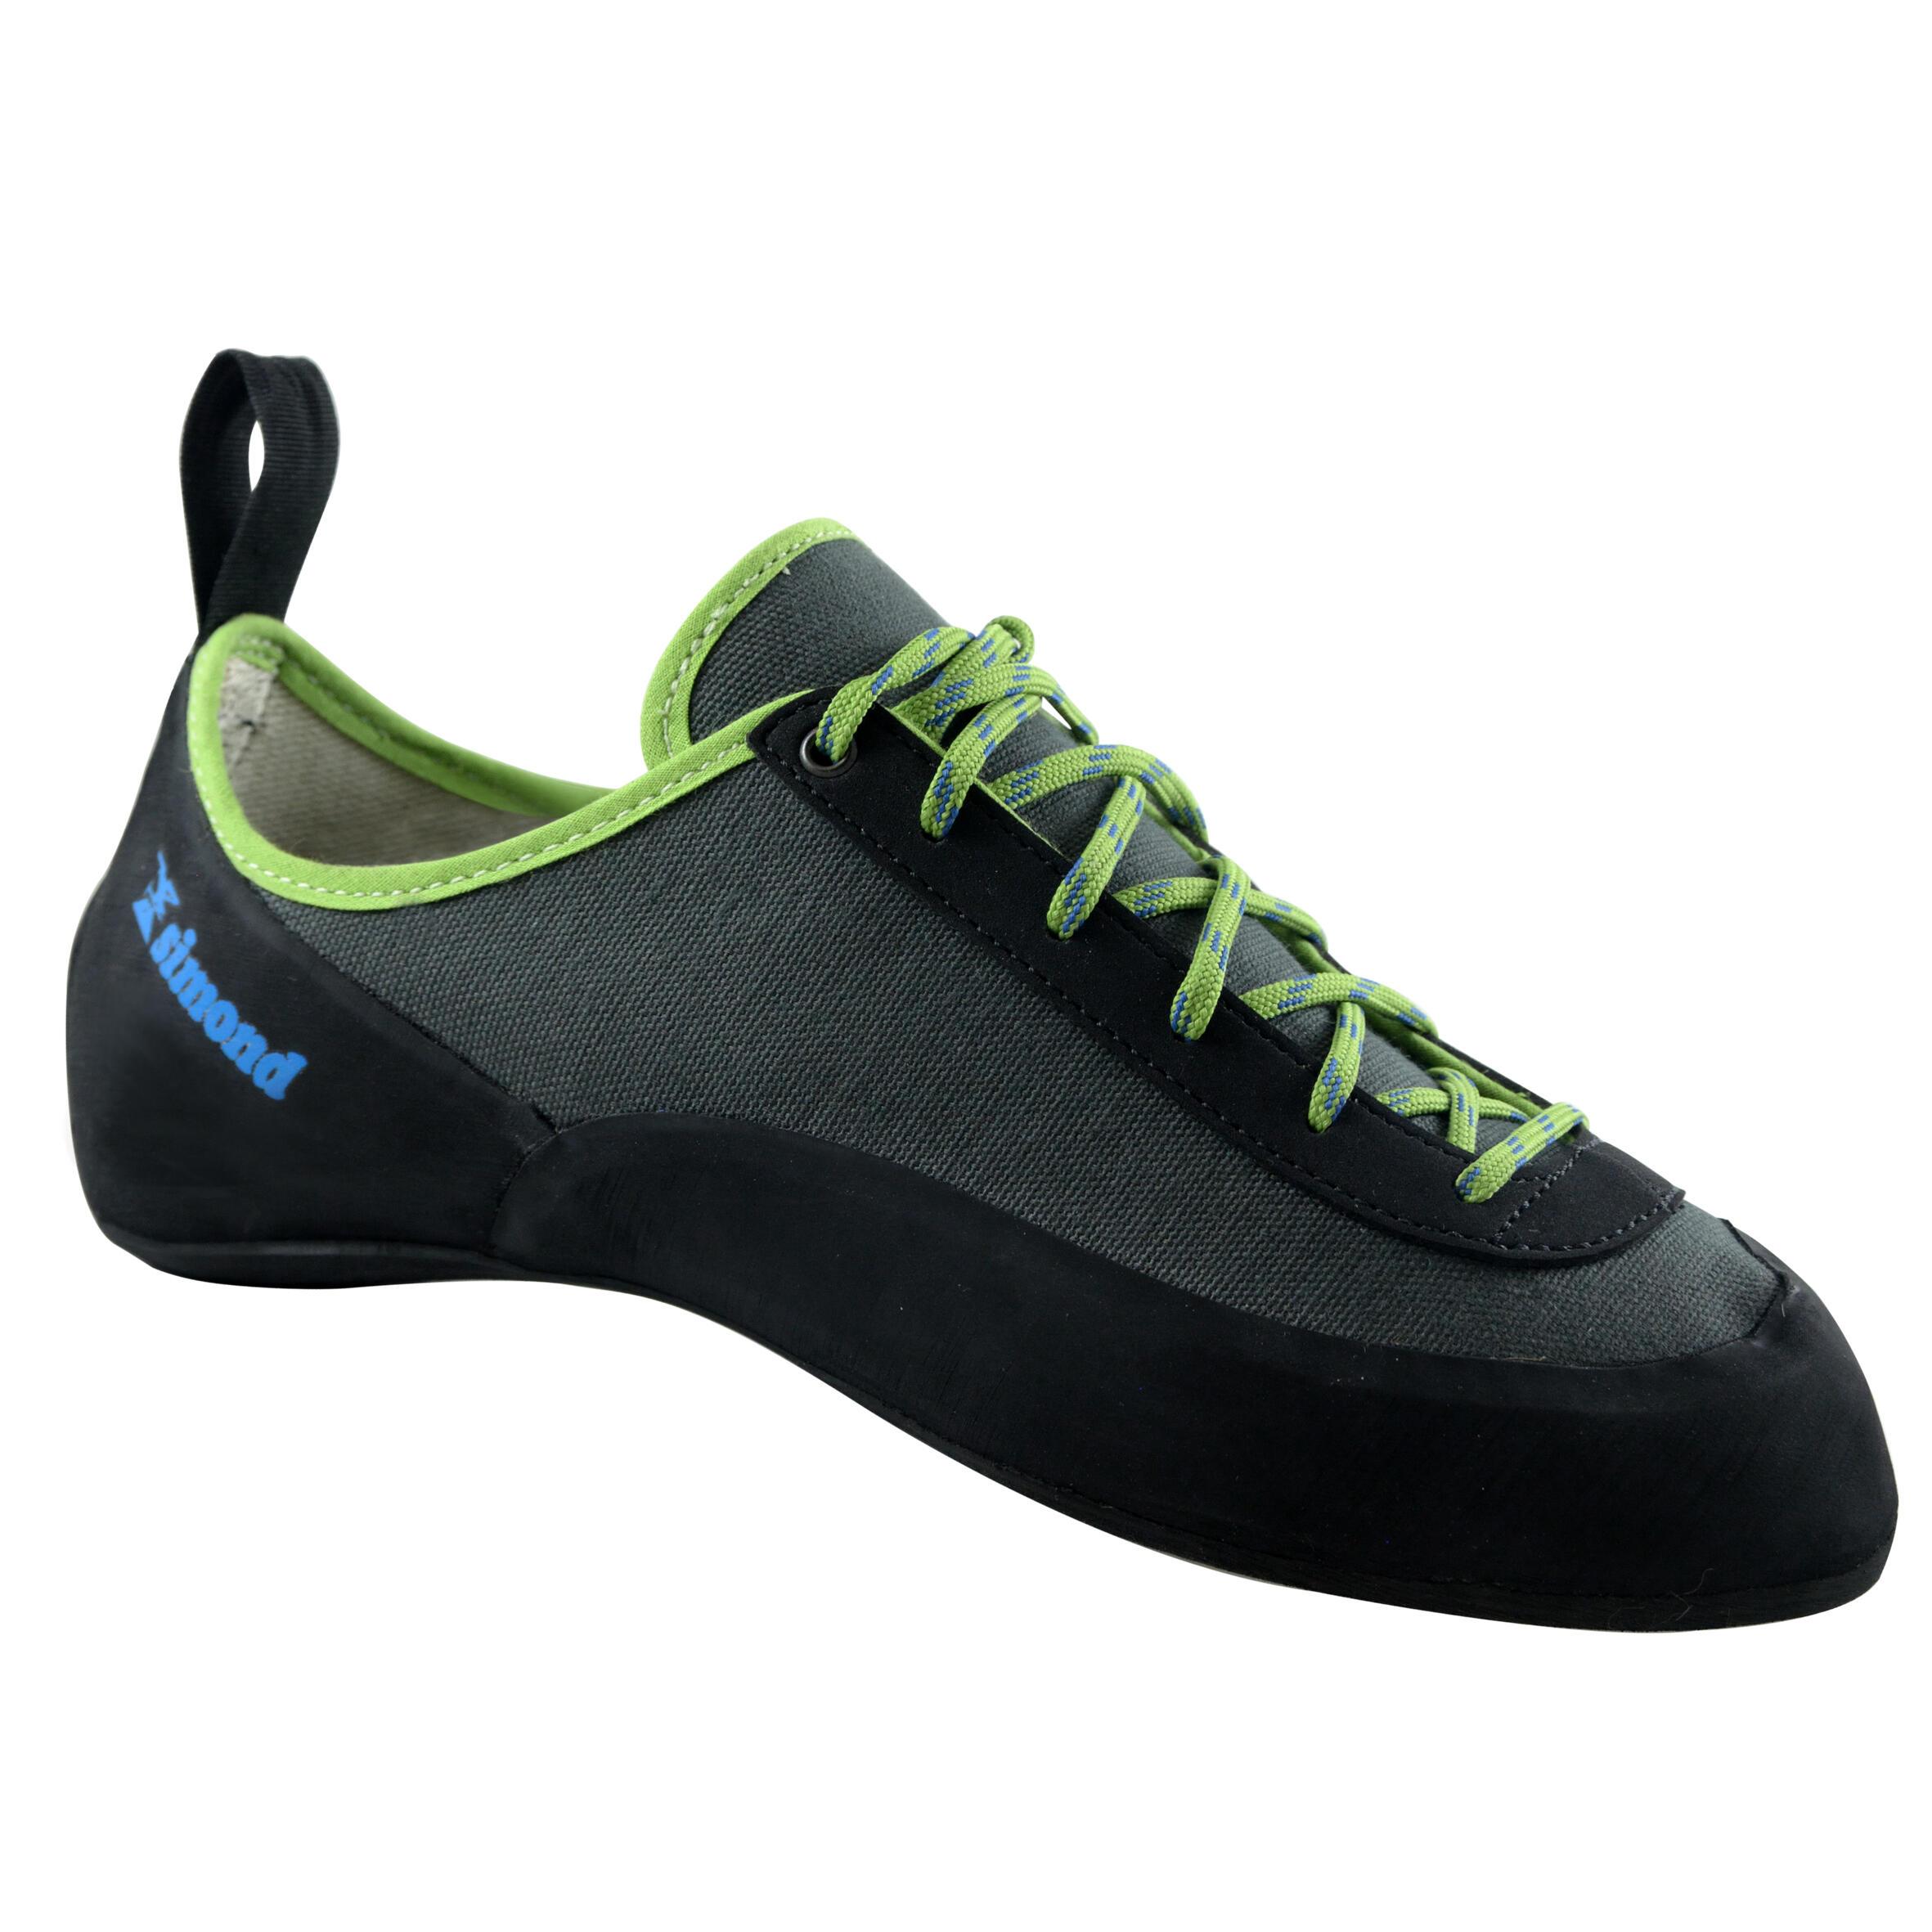 Kletterschuhe Rock Kinder/Erwachsene | Schuhe > Outdoorschuhe > Kletterschuhe | Simond